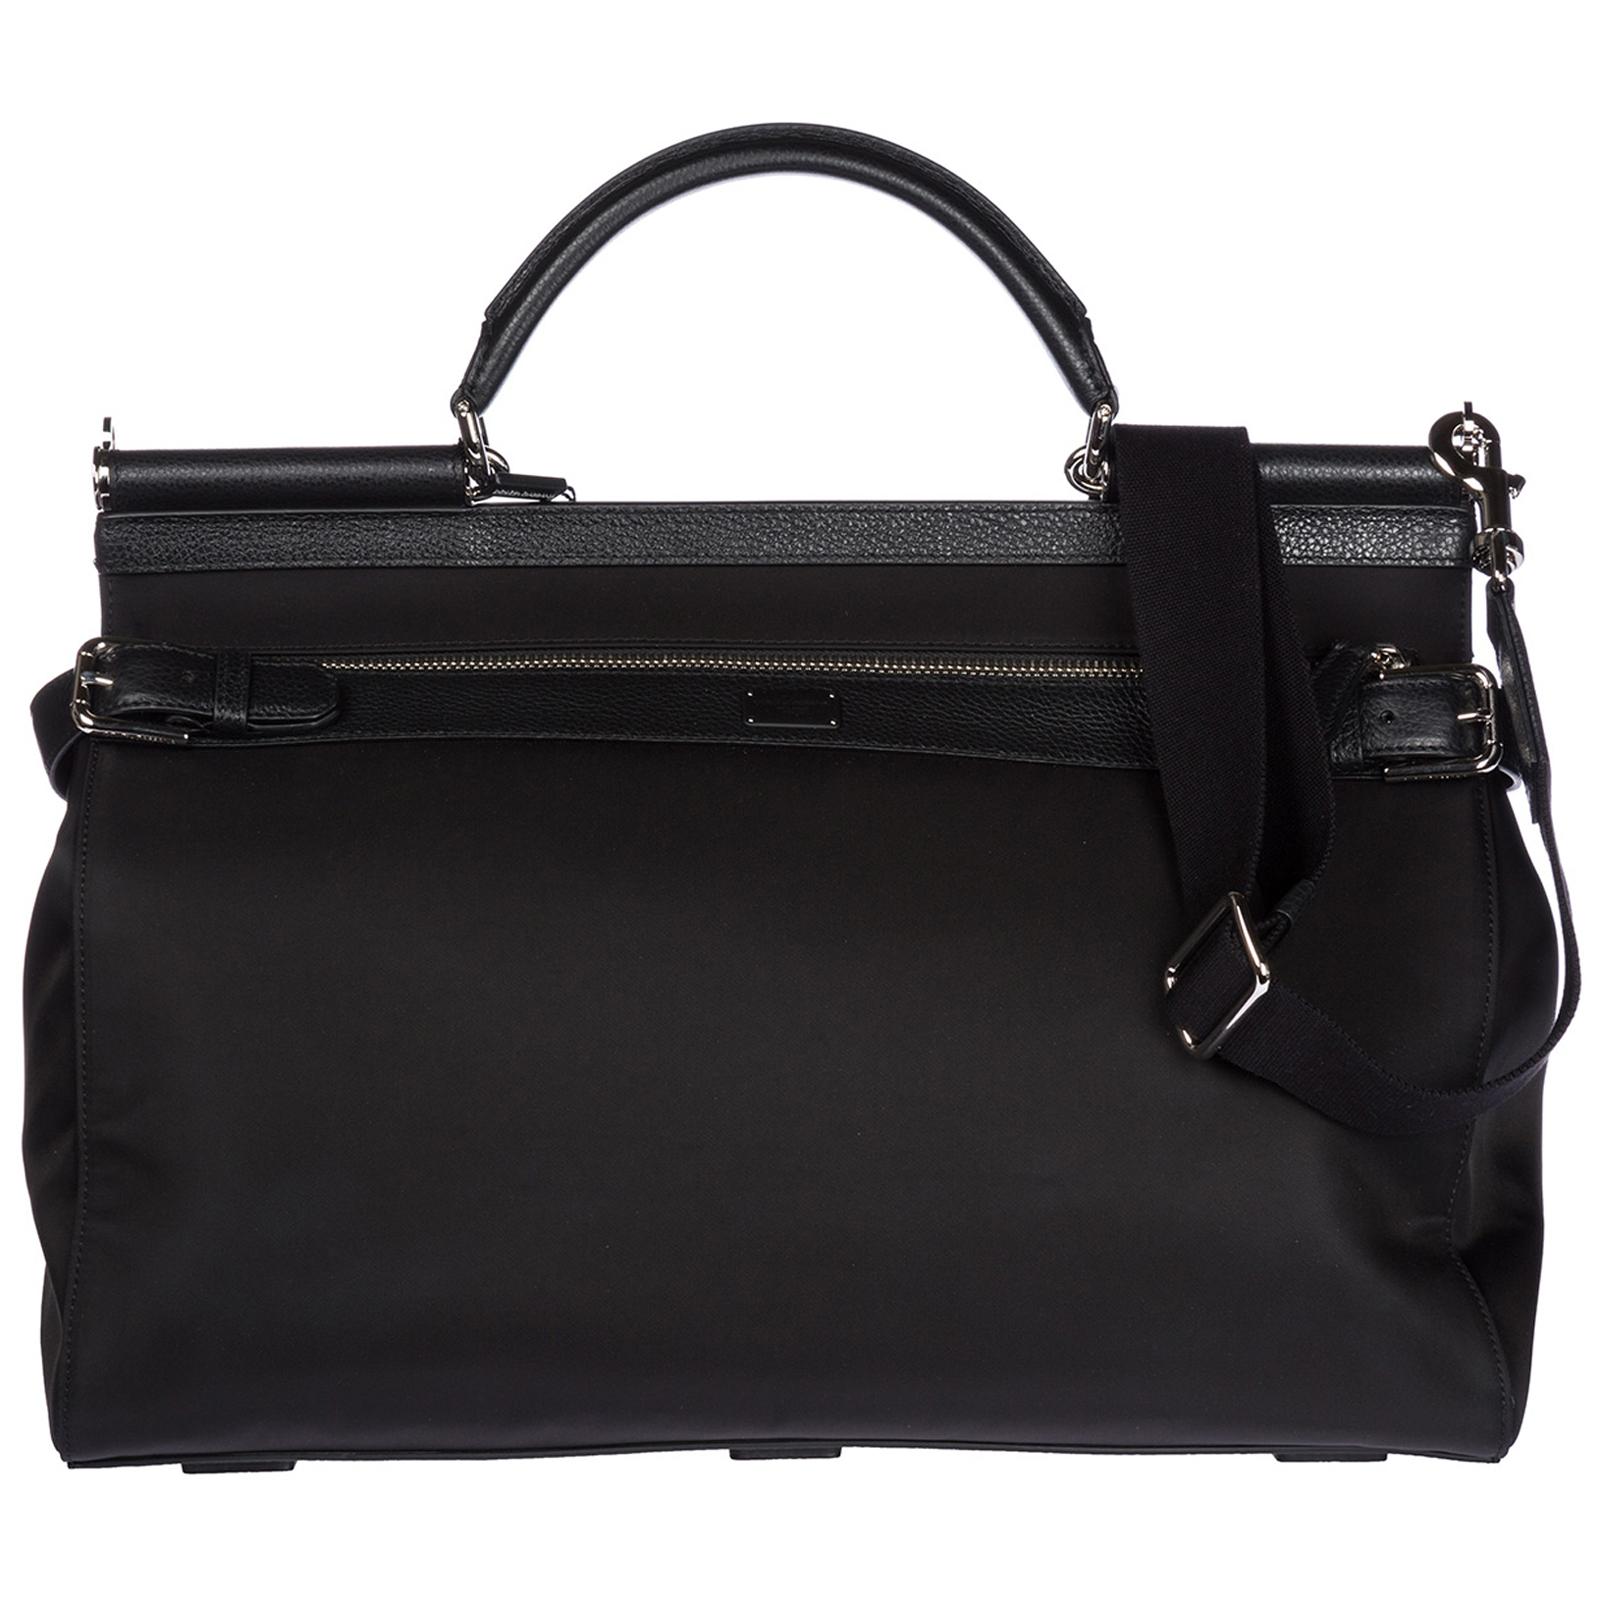 Travel duffle weekend shoulder bag